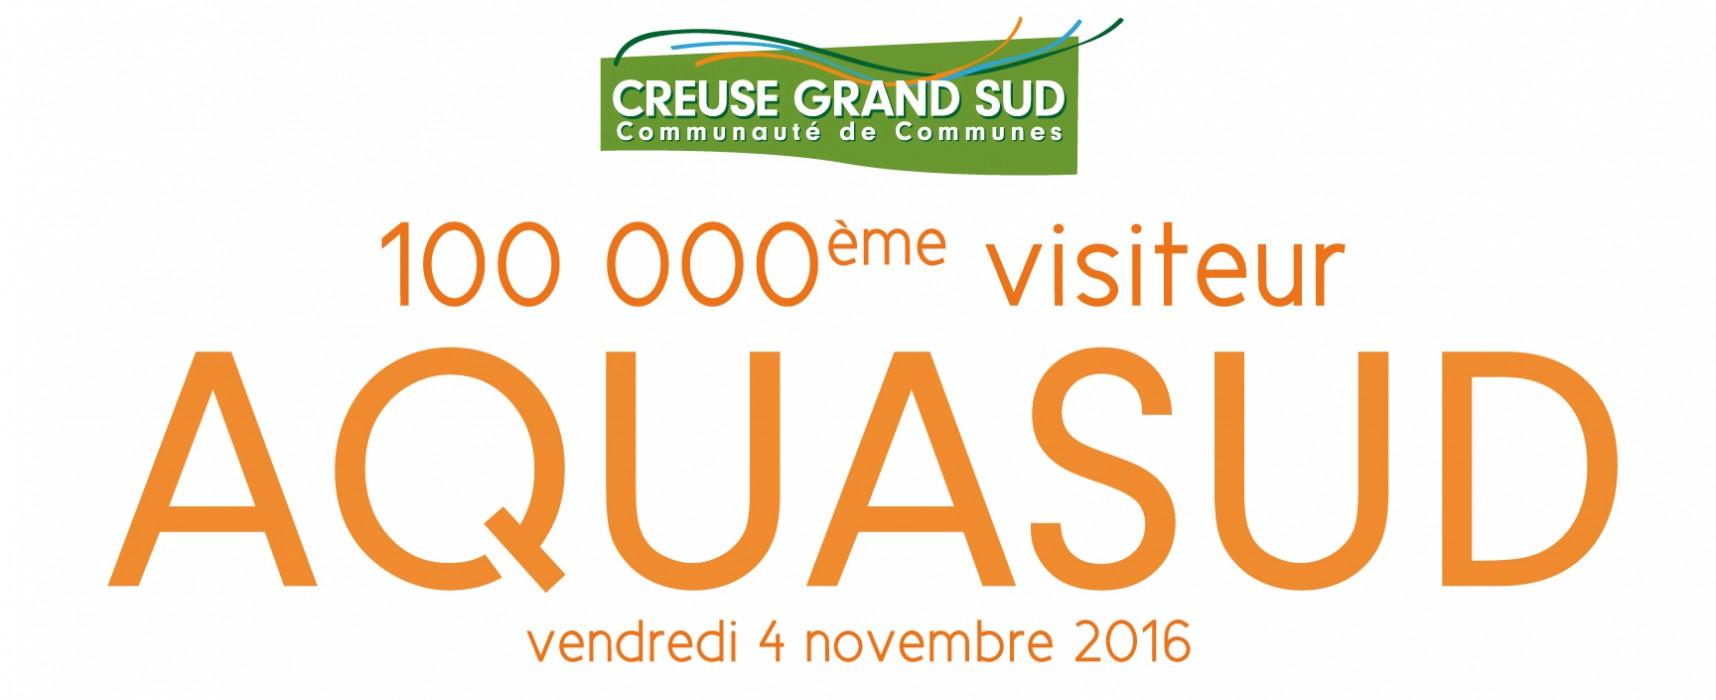 Le 100.000ème visiteur à la piscine AQUASUD ! #novembre2016